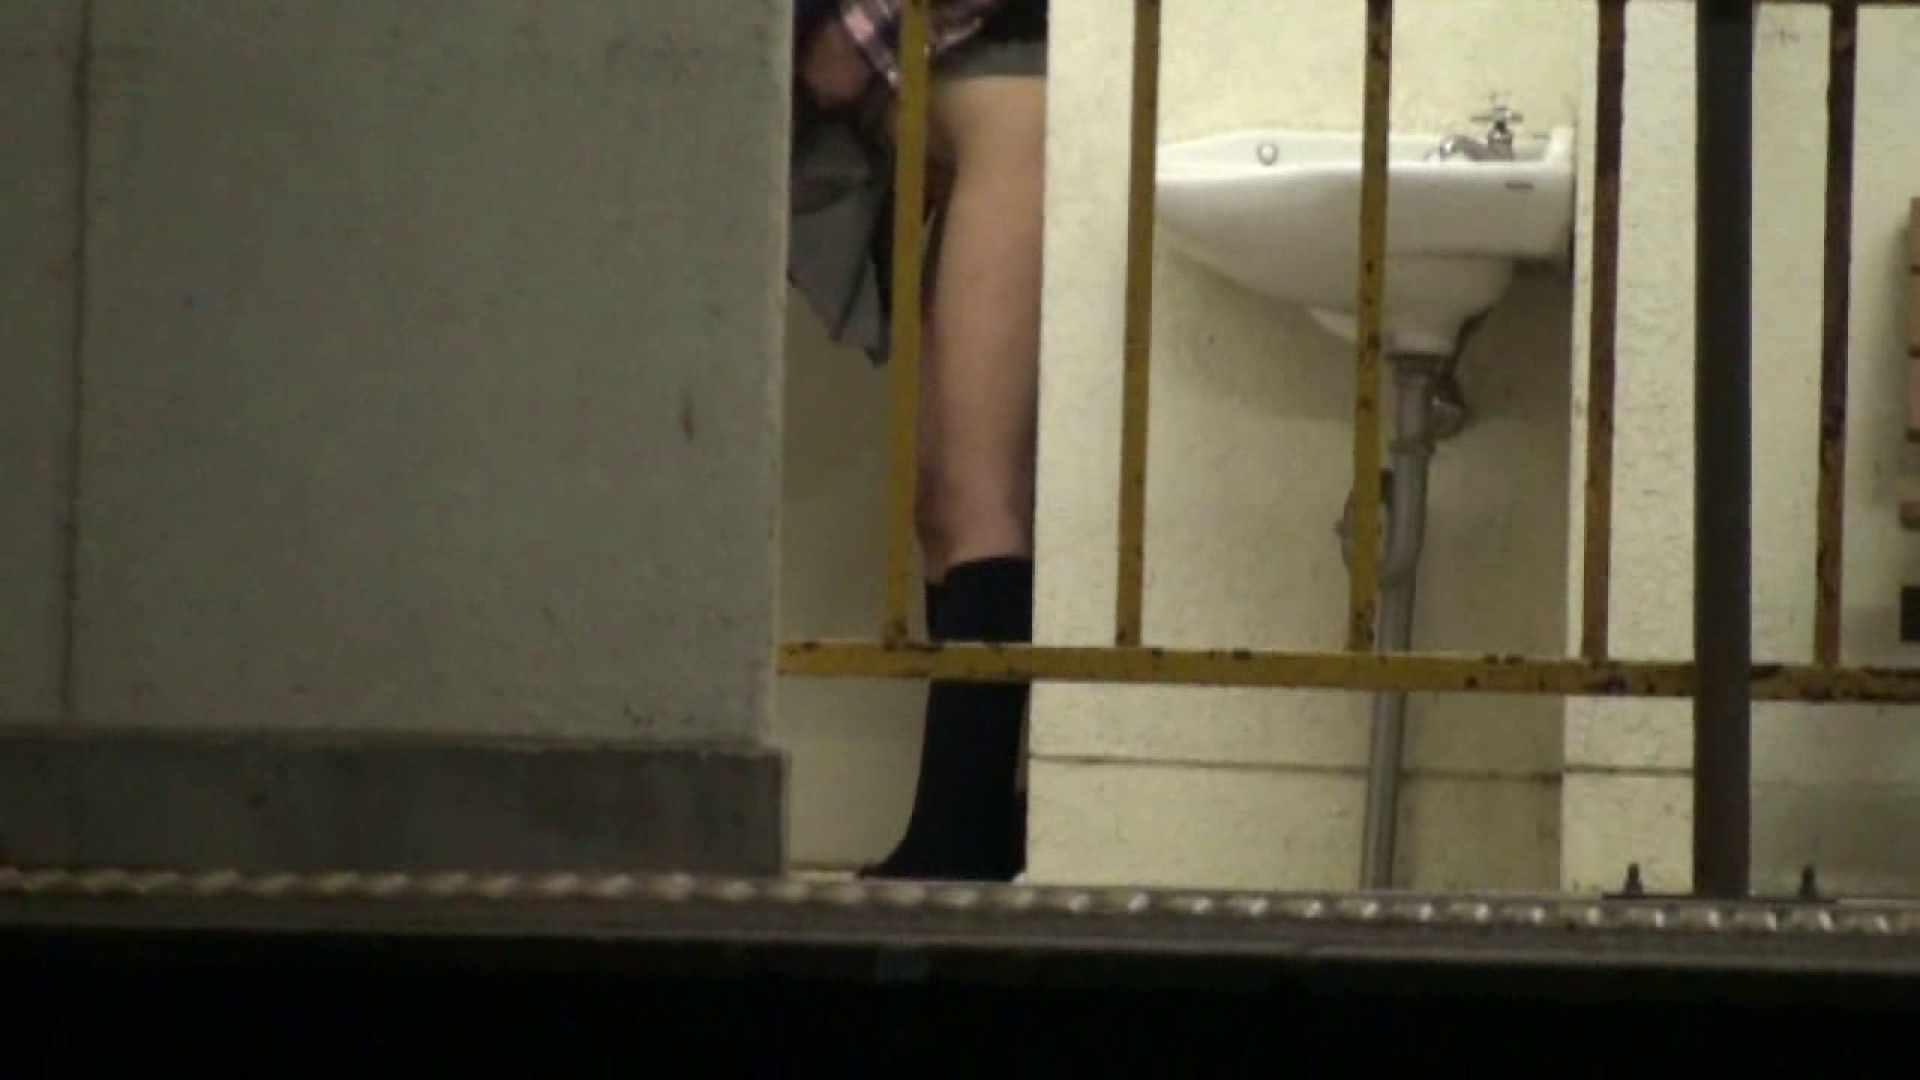 青春!制服カップルの思い出 Vol.04 フェラ おまんこ無修正動画無料 56枚 52